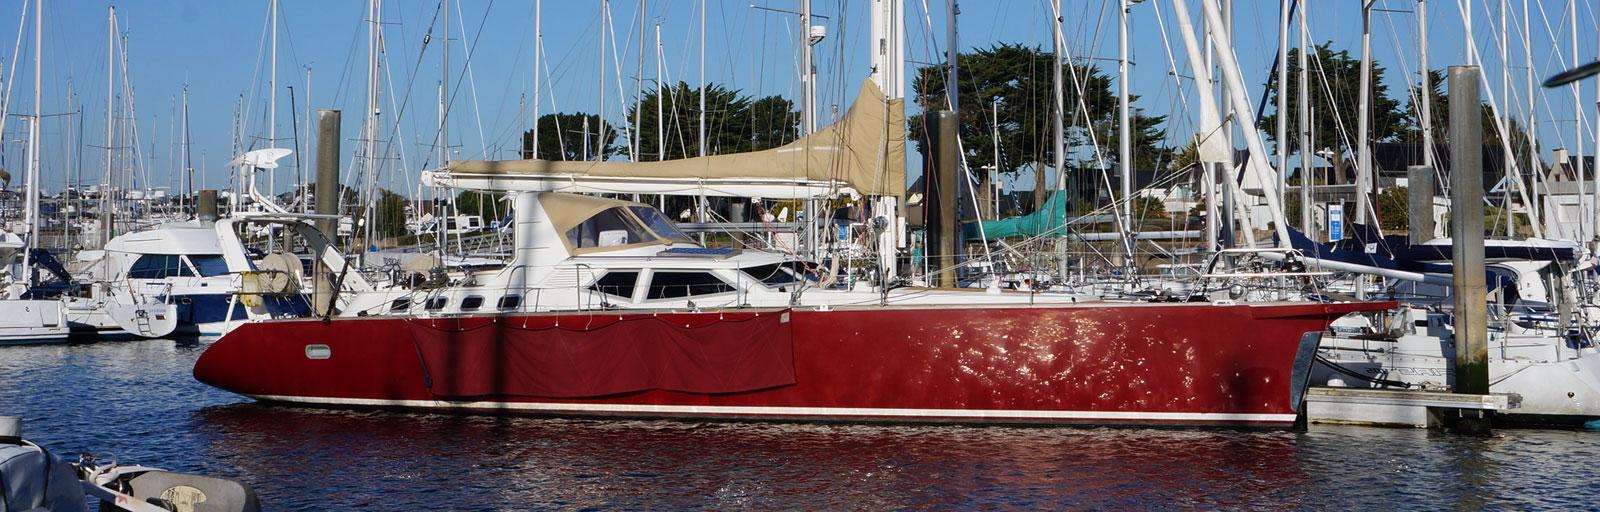 Garcia Salt 57 - AYC Yachtbrokers